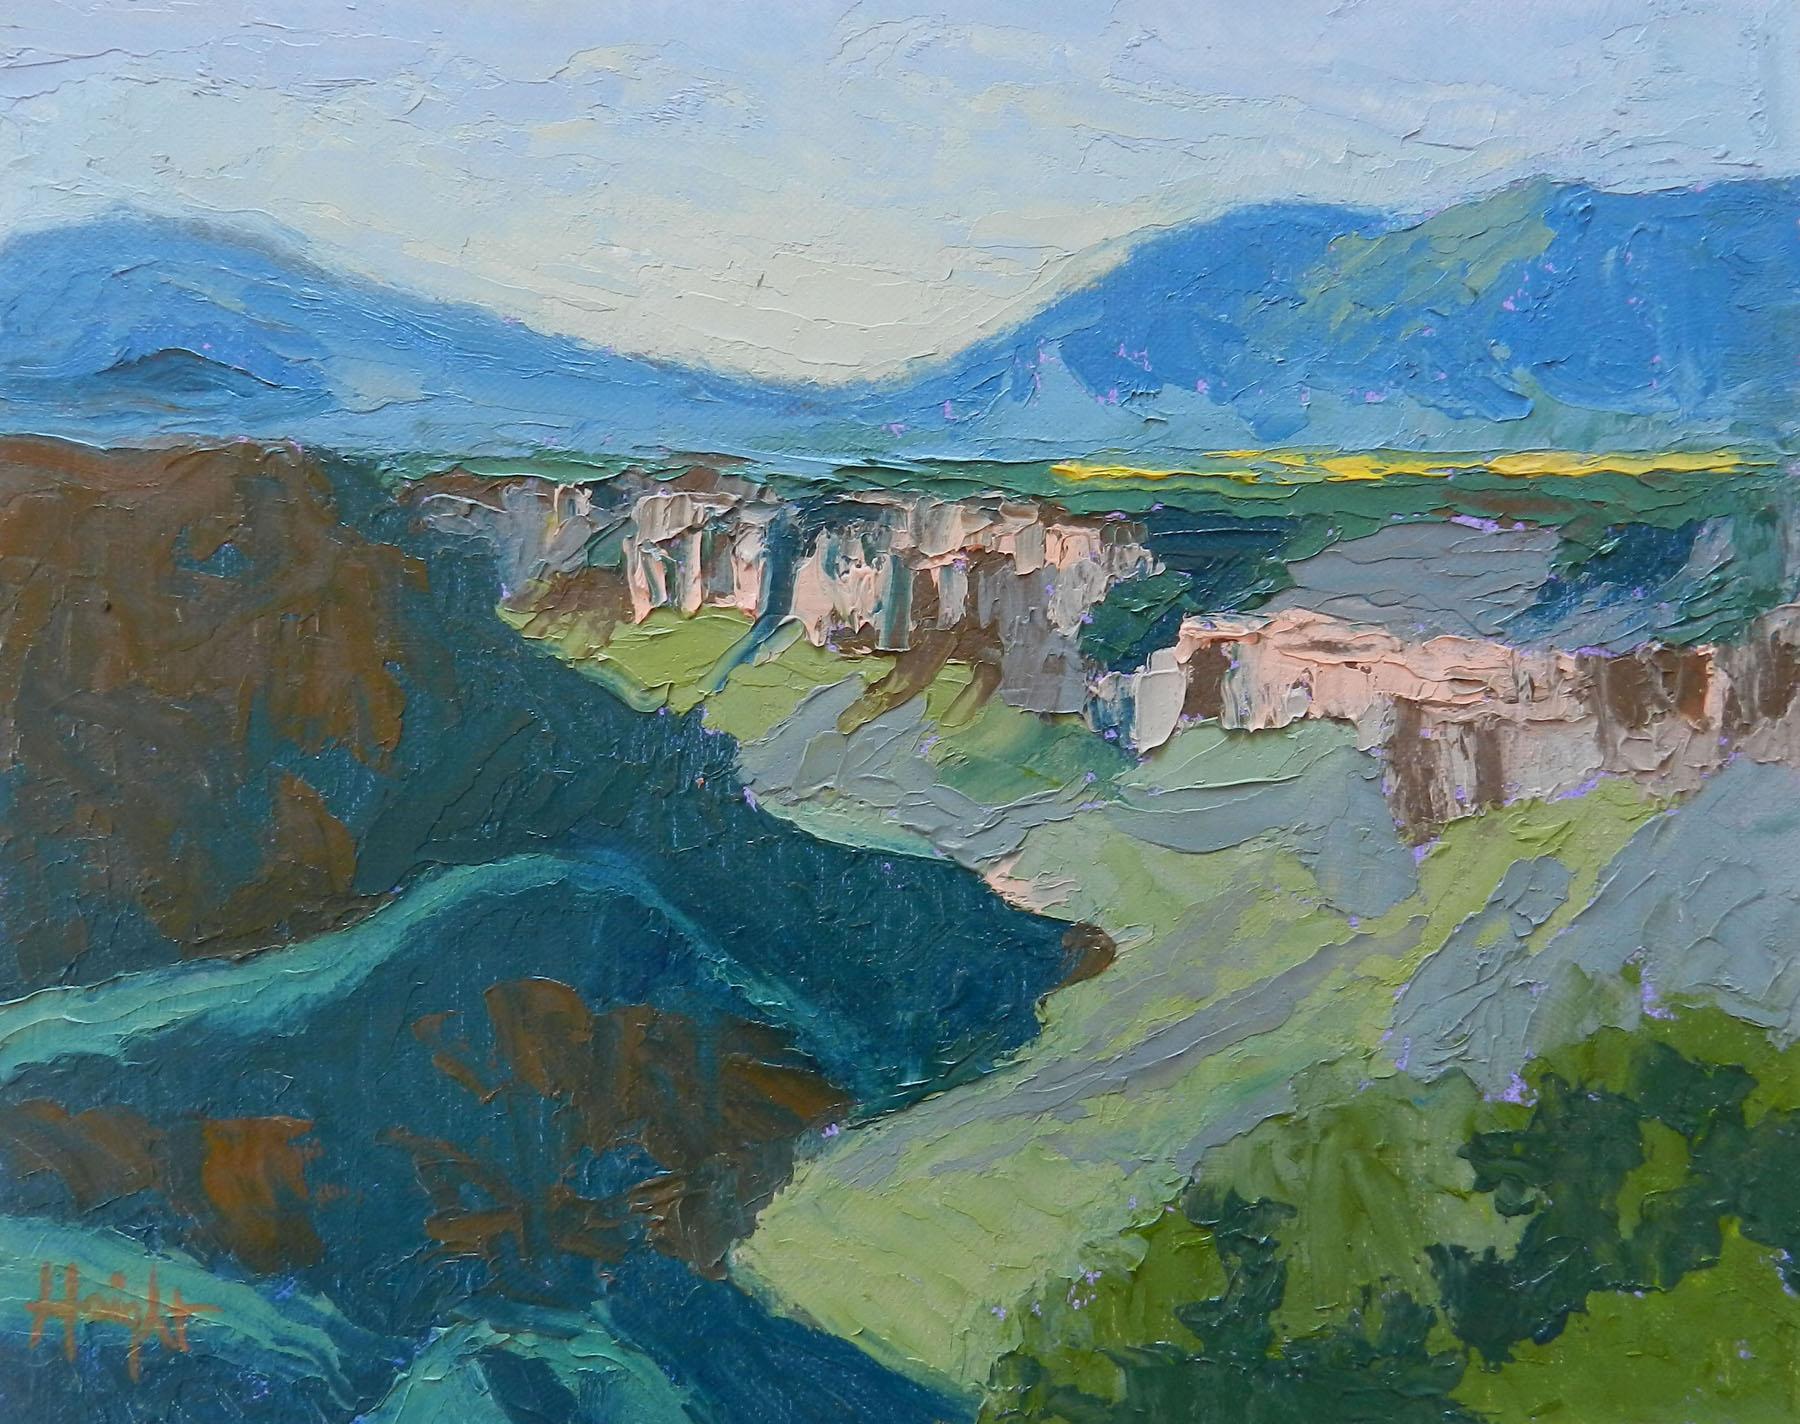 Cathy Haight: Rio Grande del Norte